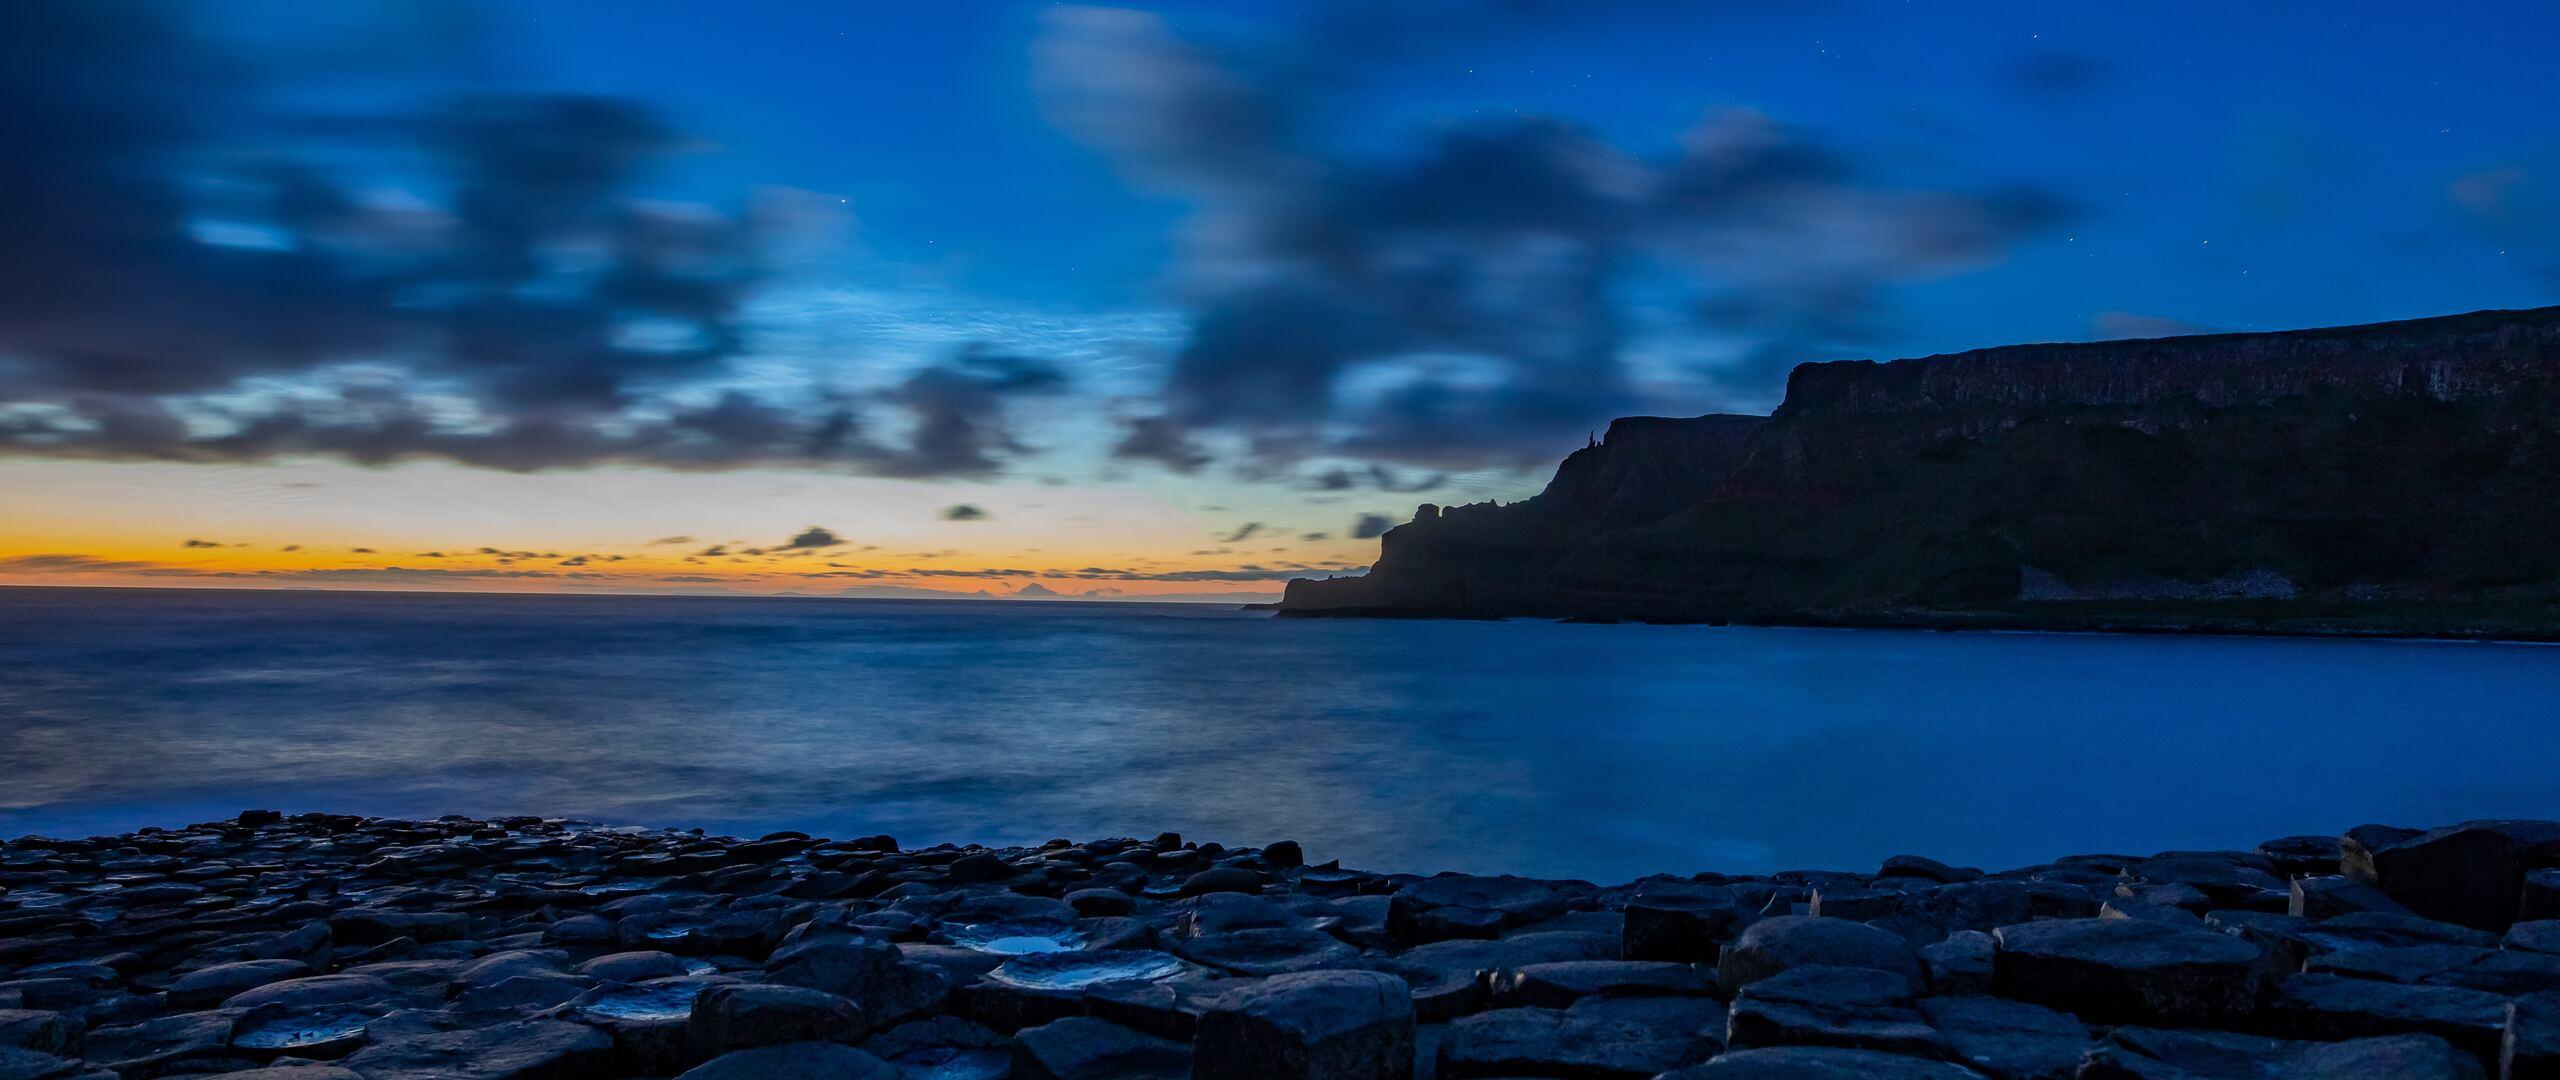 blue-sky-ocean-4k-38.jpg